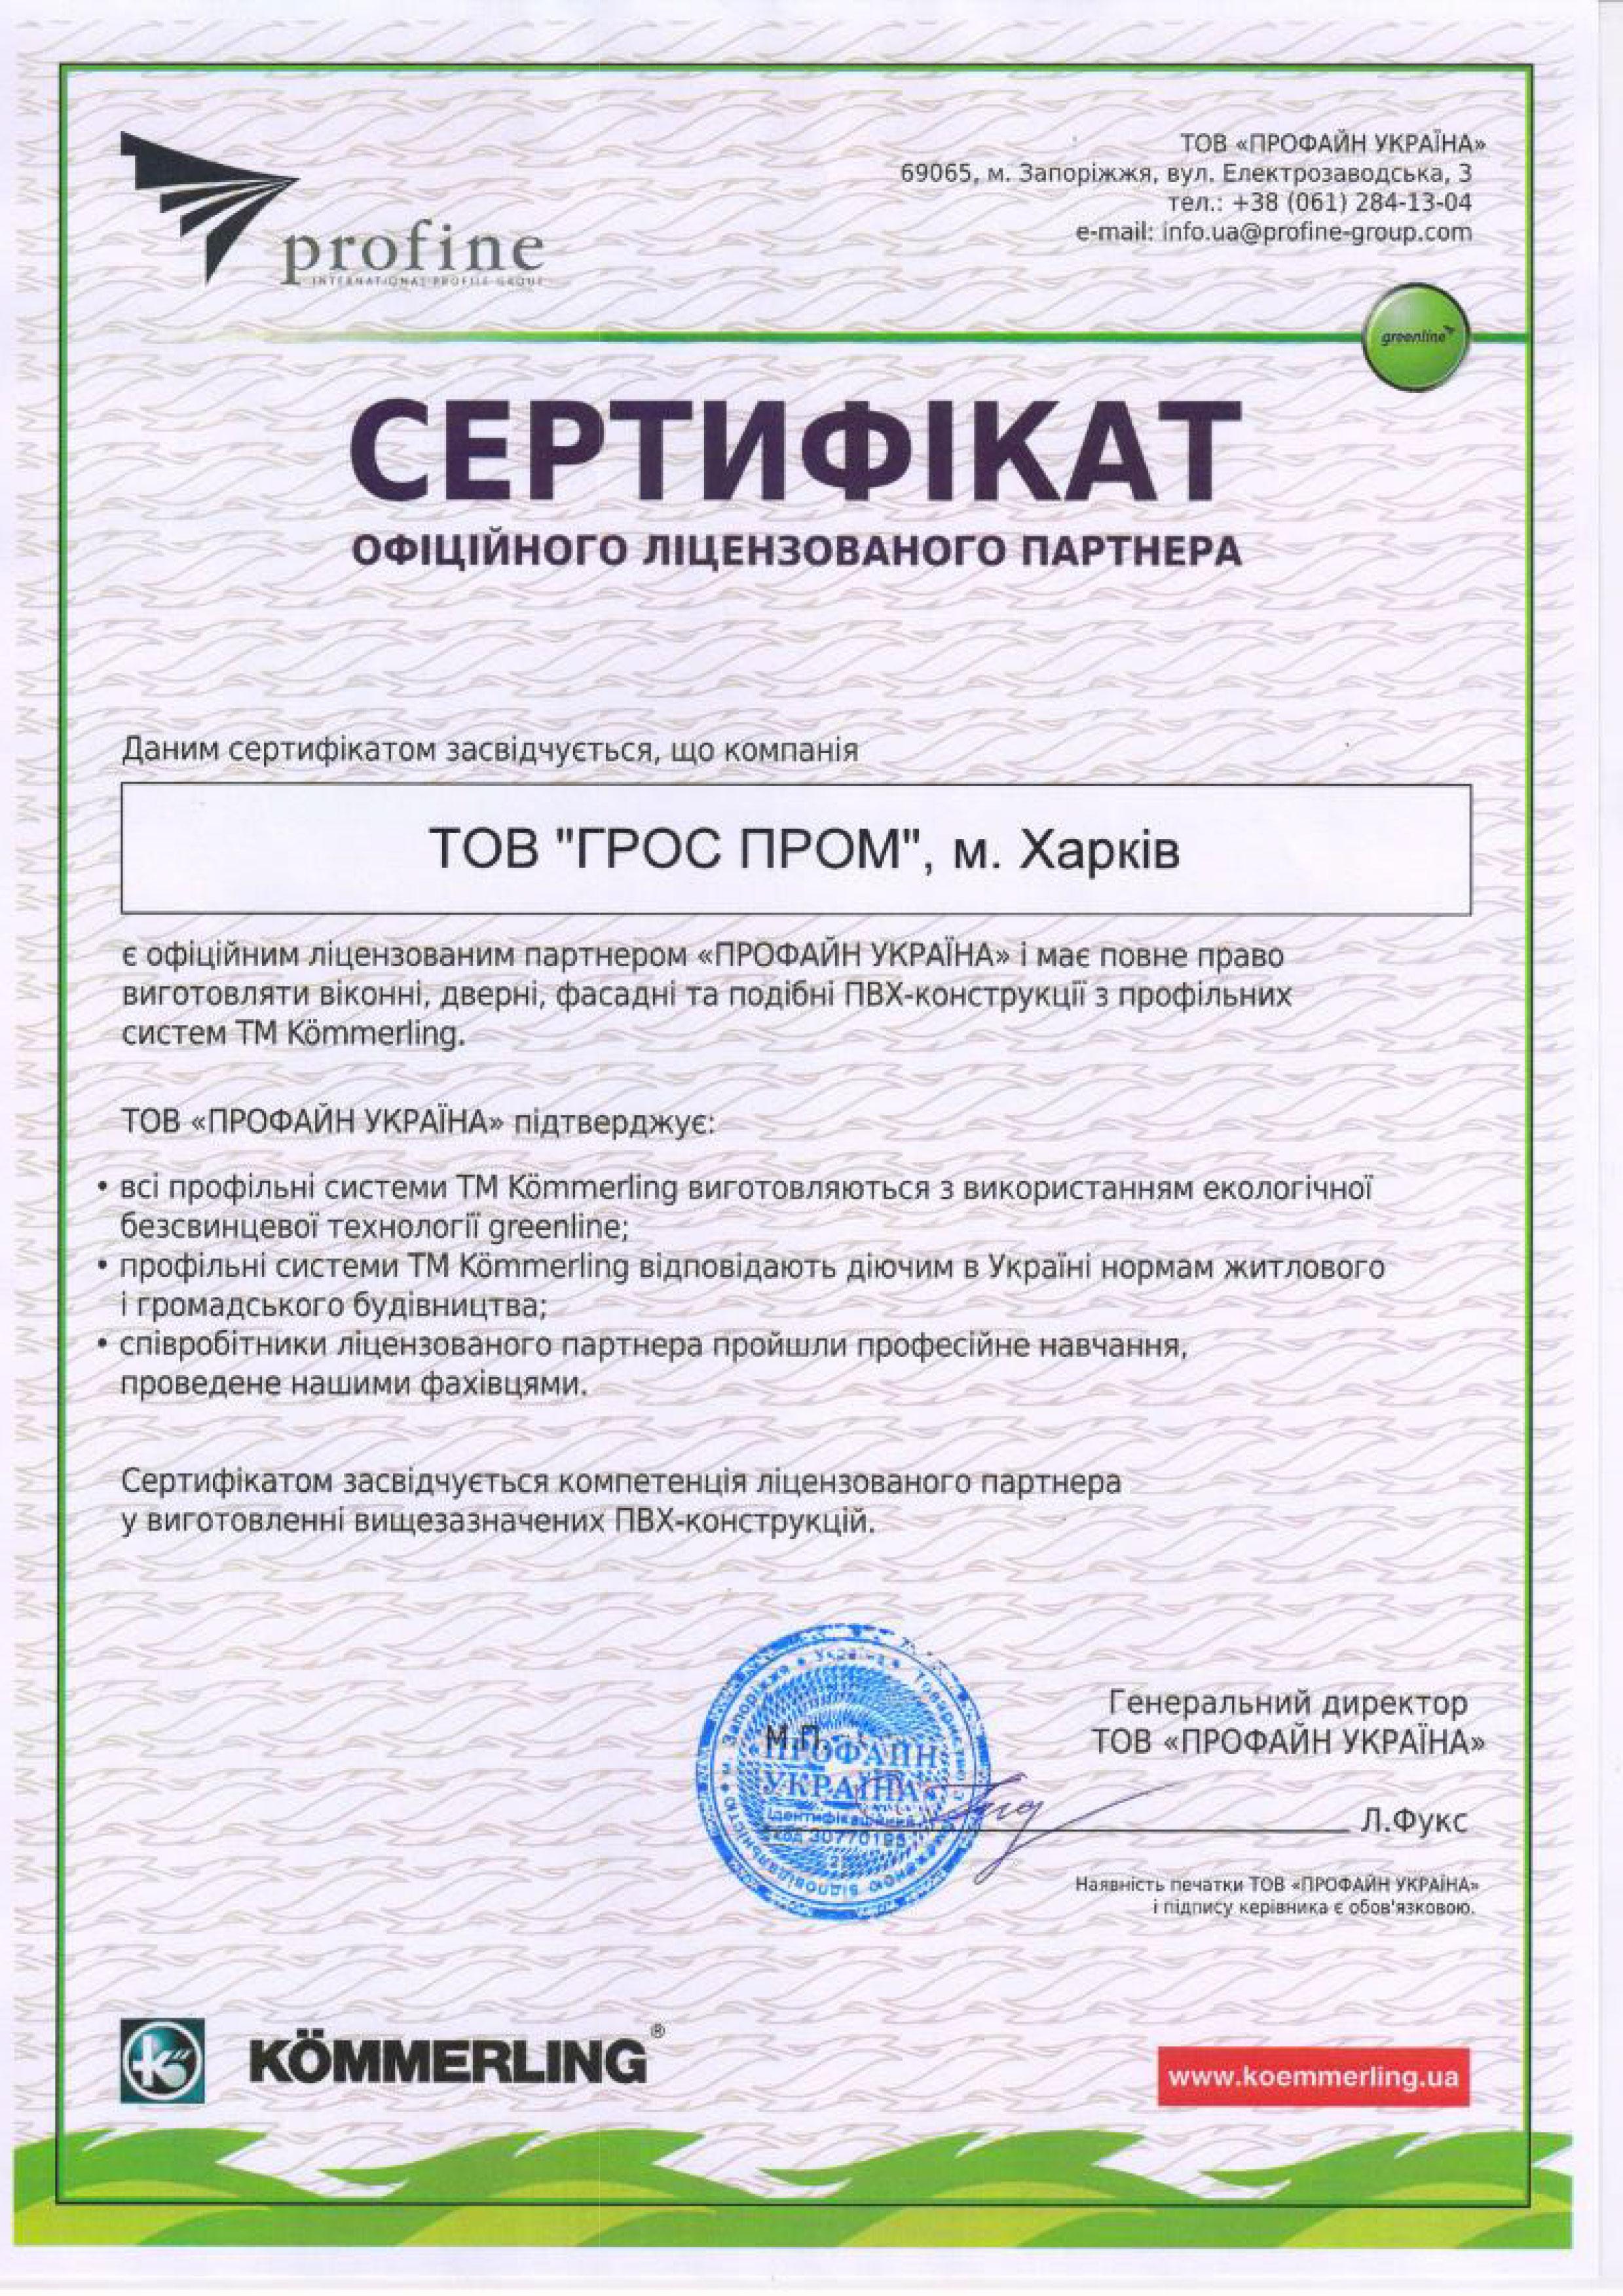 GROS-Kommerling сертификат